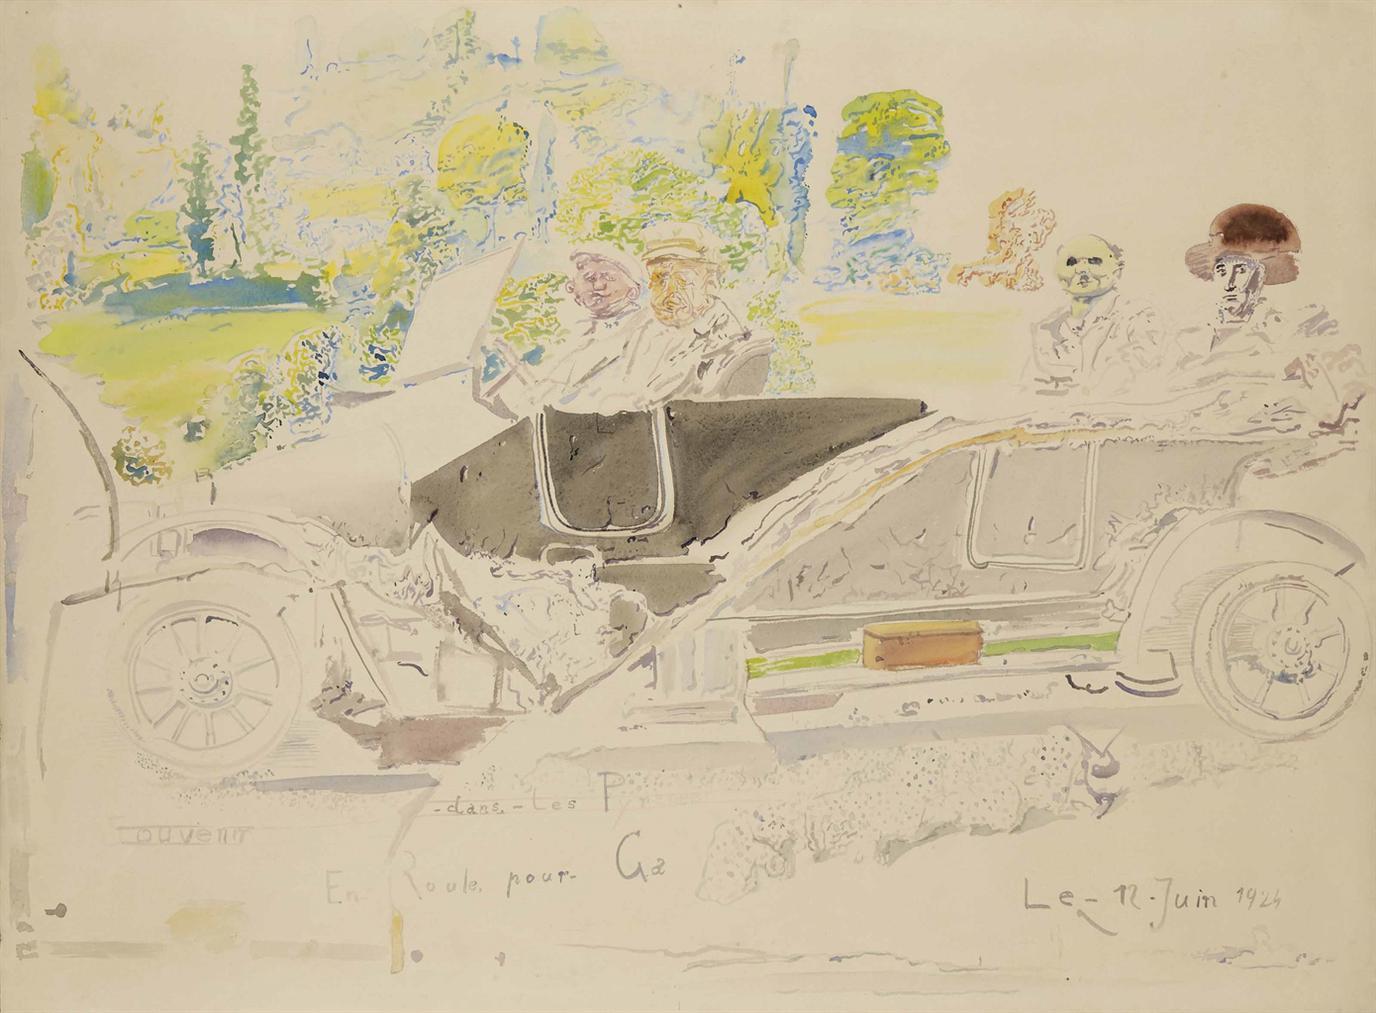 Miodrag Djuric Dado-Souvenirs Dans Les Pyrenees (En Route Pour Ga)-1964